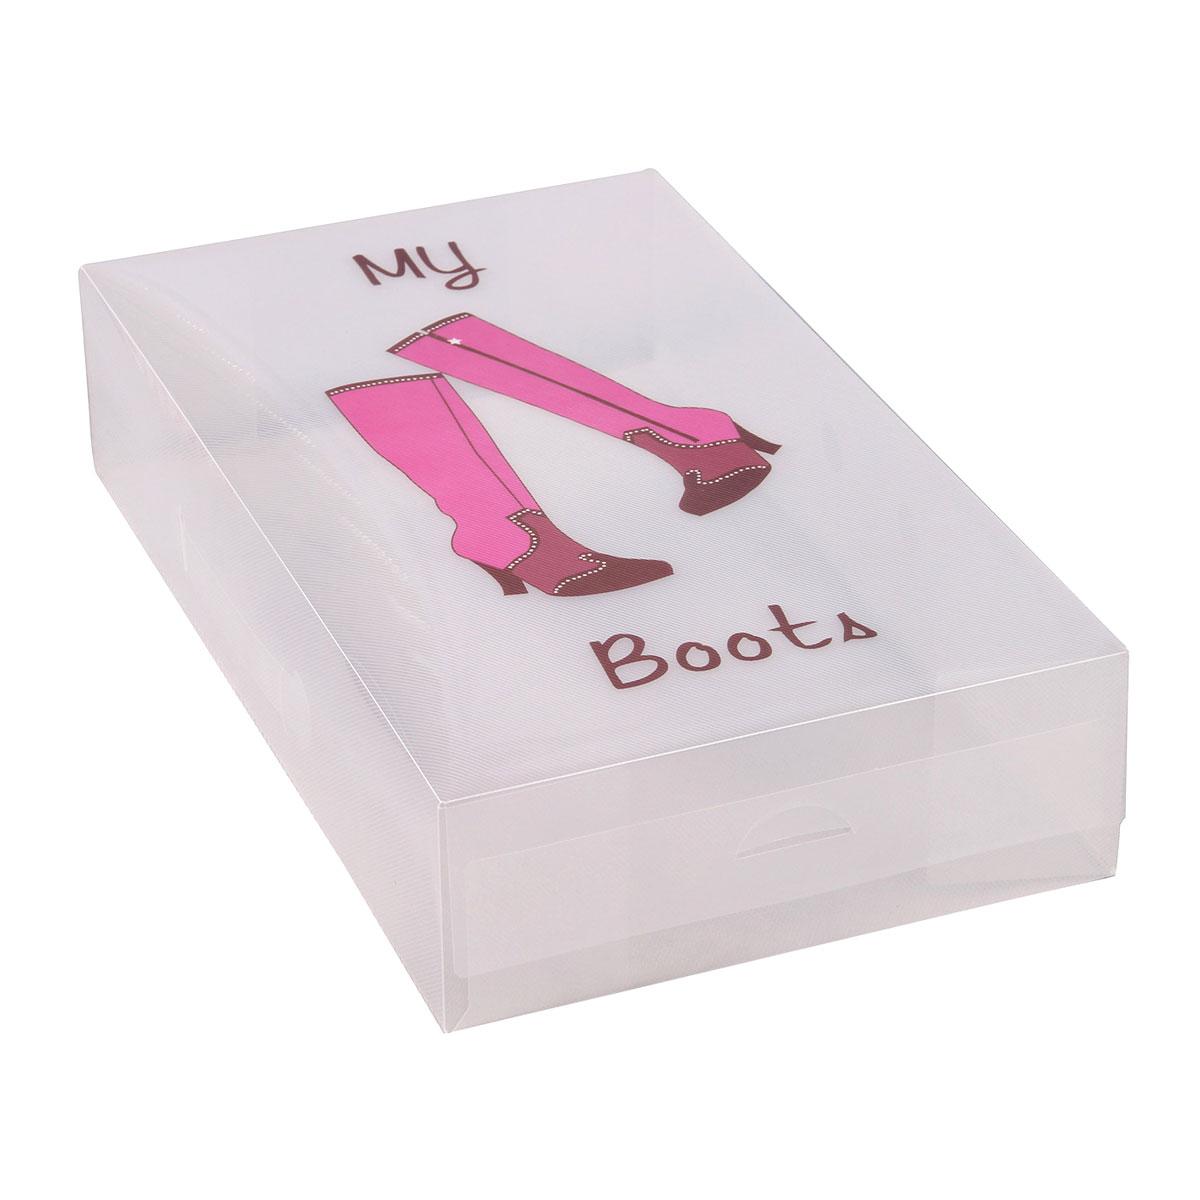 Короб для xранения обуви Miolla, 52 x 30 x 11 см. PLS-2RG-D31SУдлиненный короб для обуви от Miolla превратит хранение сапог из головной боли в сплошное удовольствие. Жесткий и вместительный, он создан для обуви с длинным голенищем, которая после сезона ношения обычно неаккуратно убирается вглубь обувного шкафа из-за своих нестандартных размеров. Теперь можно не пренебрегать дорогими вещами, а с умом хранить любые сапоги в удобном и прочном коробе.Размер короба: 52 х 30 х 11 см.